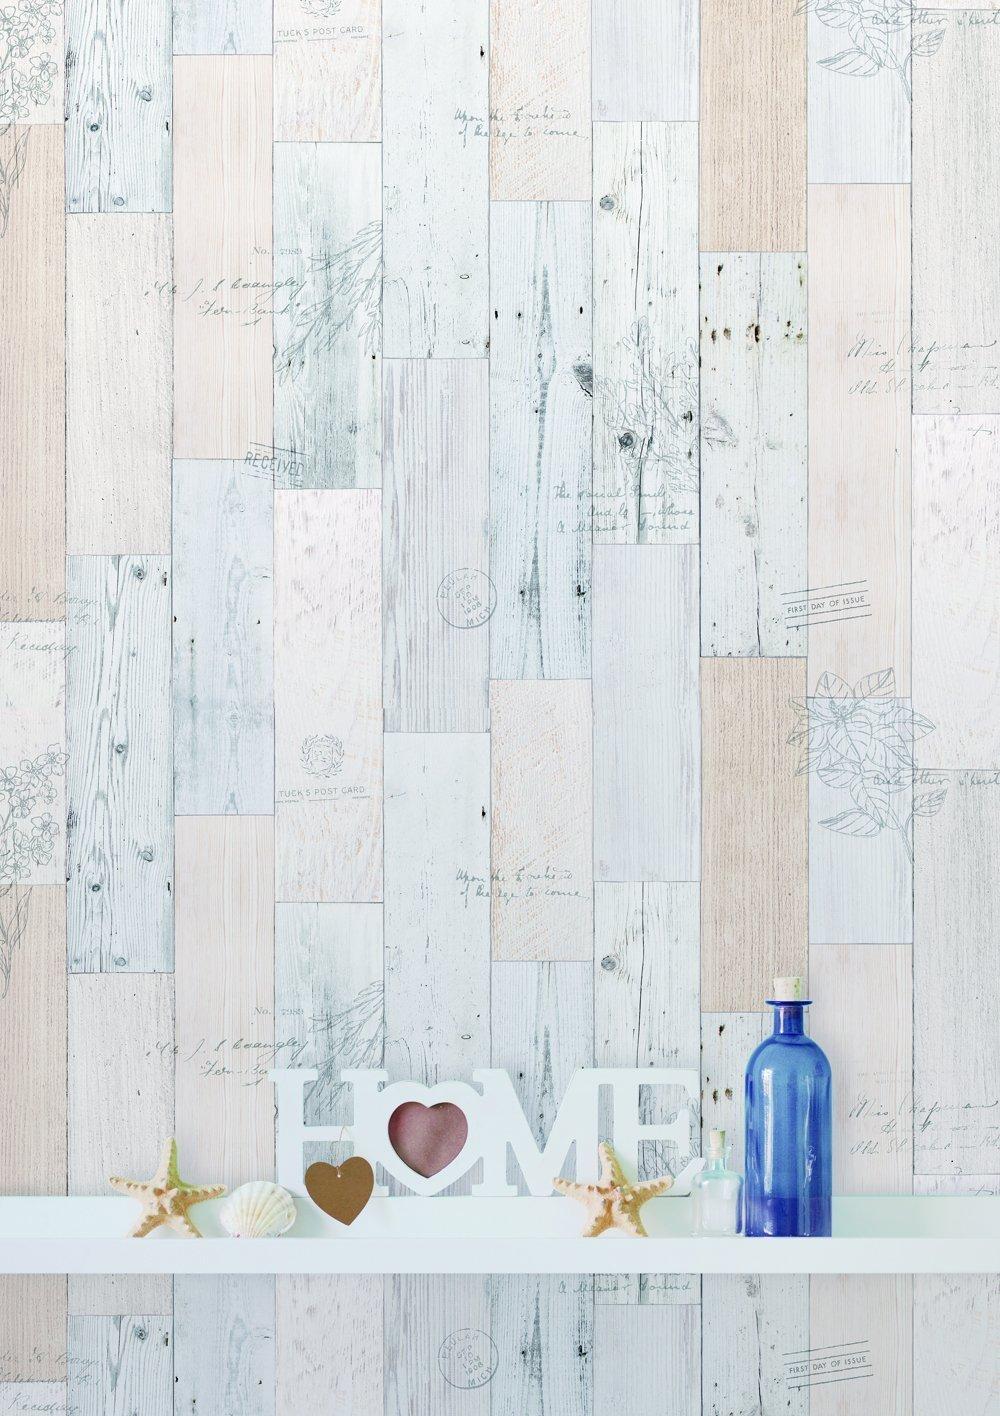 50cm x 15m Papel de pared con adhesivo autoadhesivo para paneles de madera 0.15 mm Estante de PVC impermeable extra/íble Brown vintage Papel tapiz de 19.6x 590